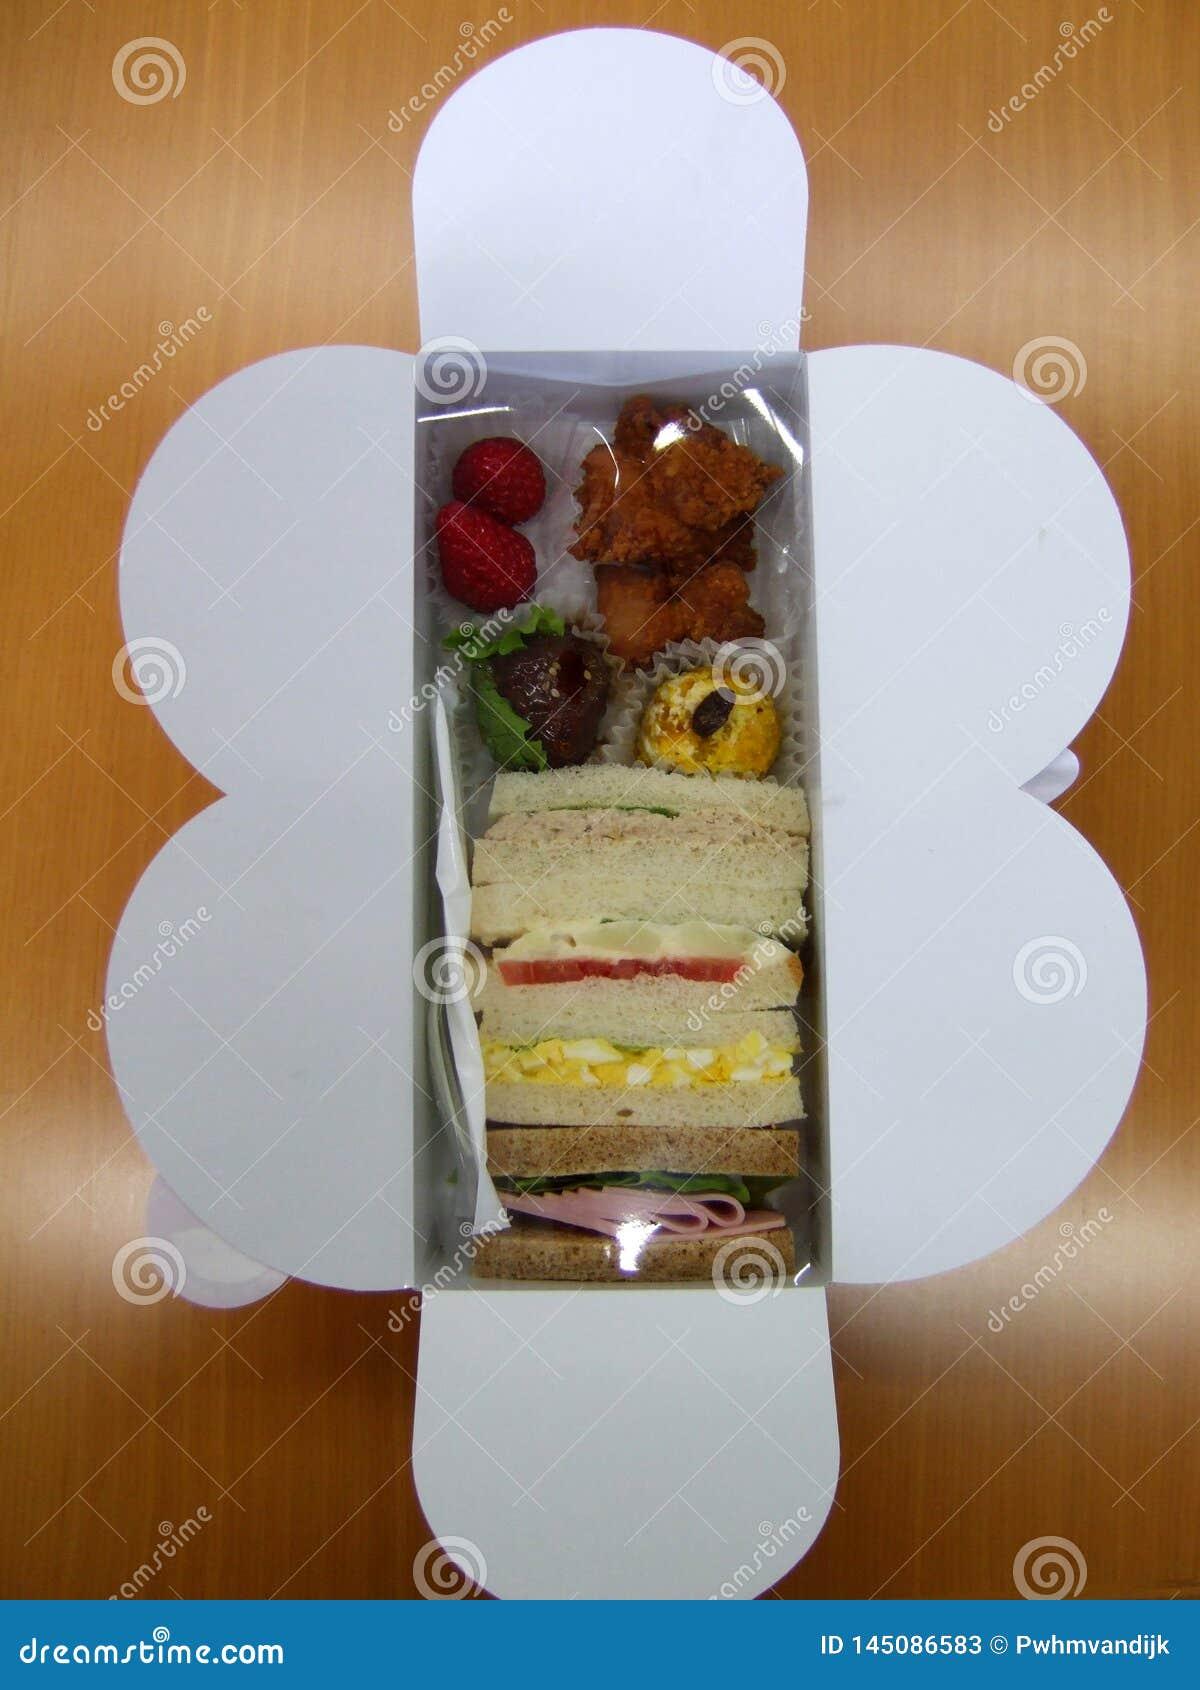 Sandwich in Japan